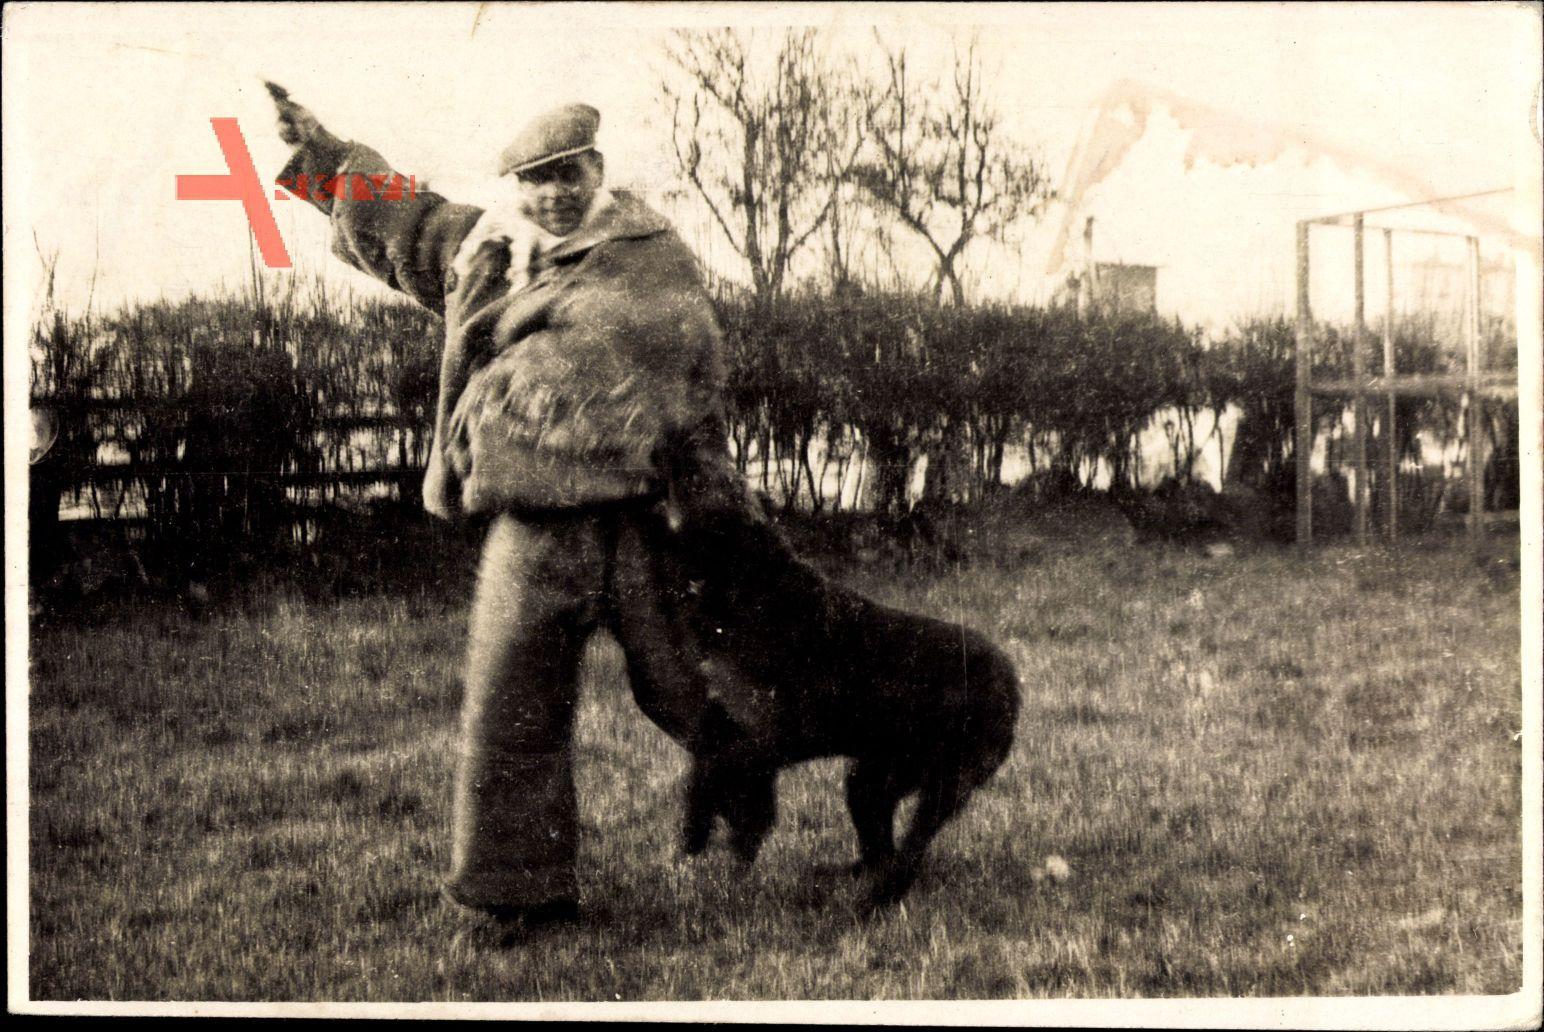 Frankreich, Mann in Schutzkleidung, Wachhund, Training